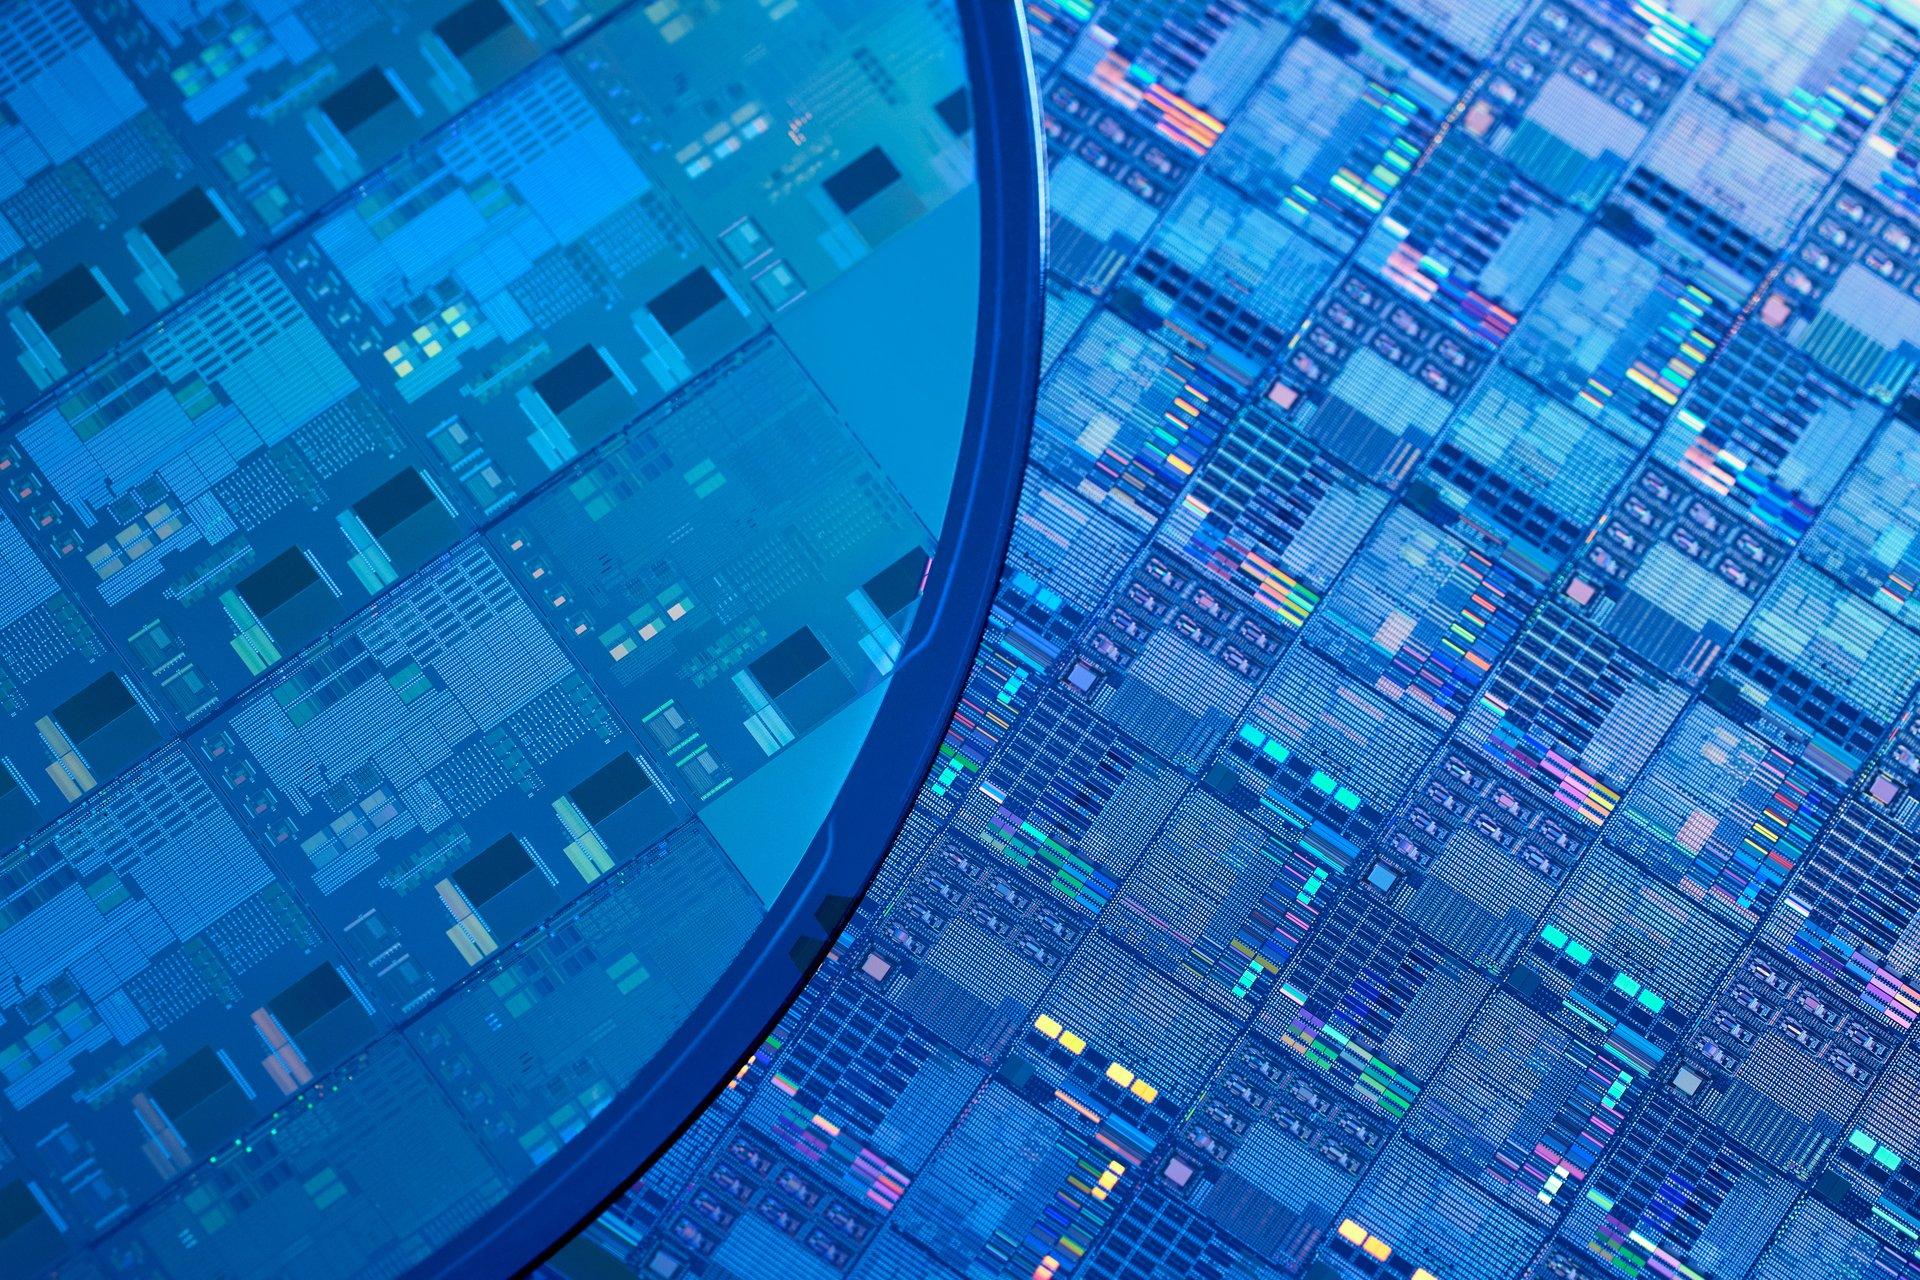 Silizium steckt in vielen mikroelektrischen Komponenten (Adobe Stock: Fotografos)